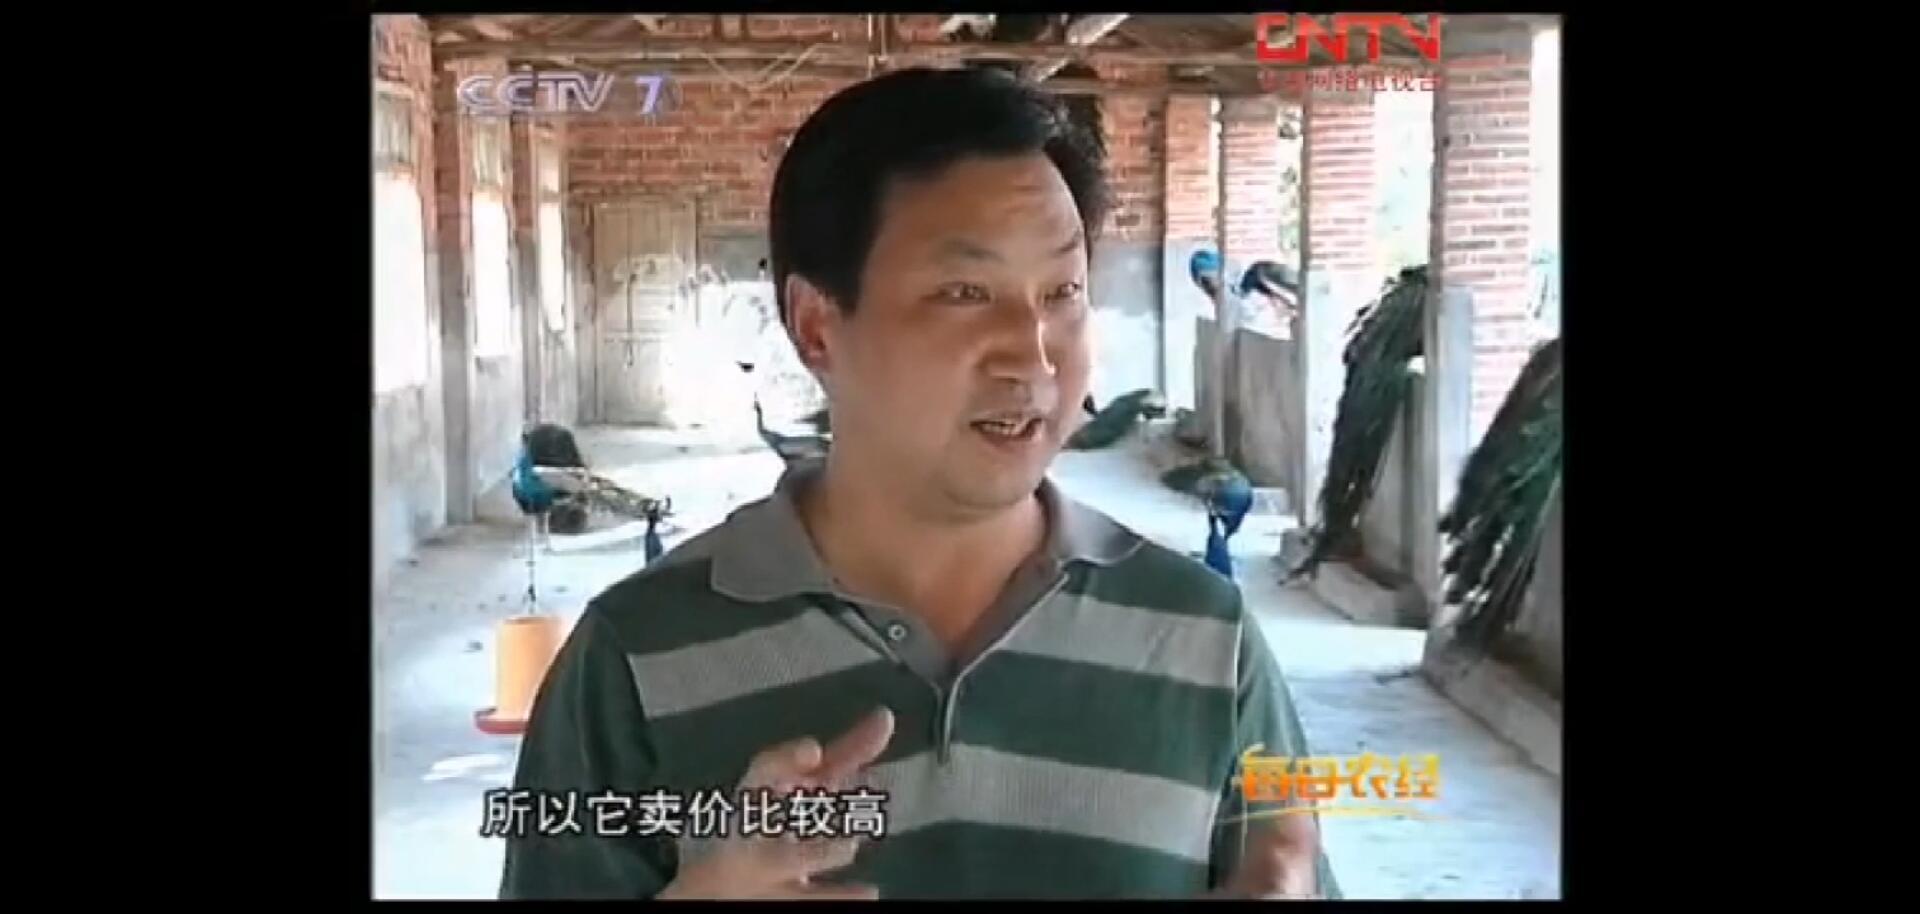 CCTV-7每日农经ballbet蛋也赚钱